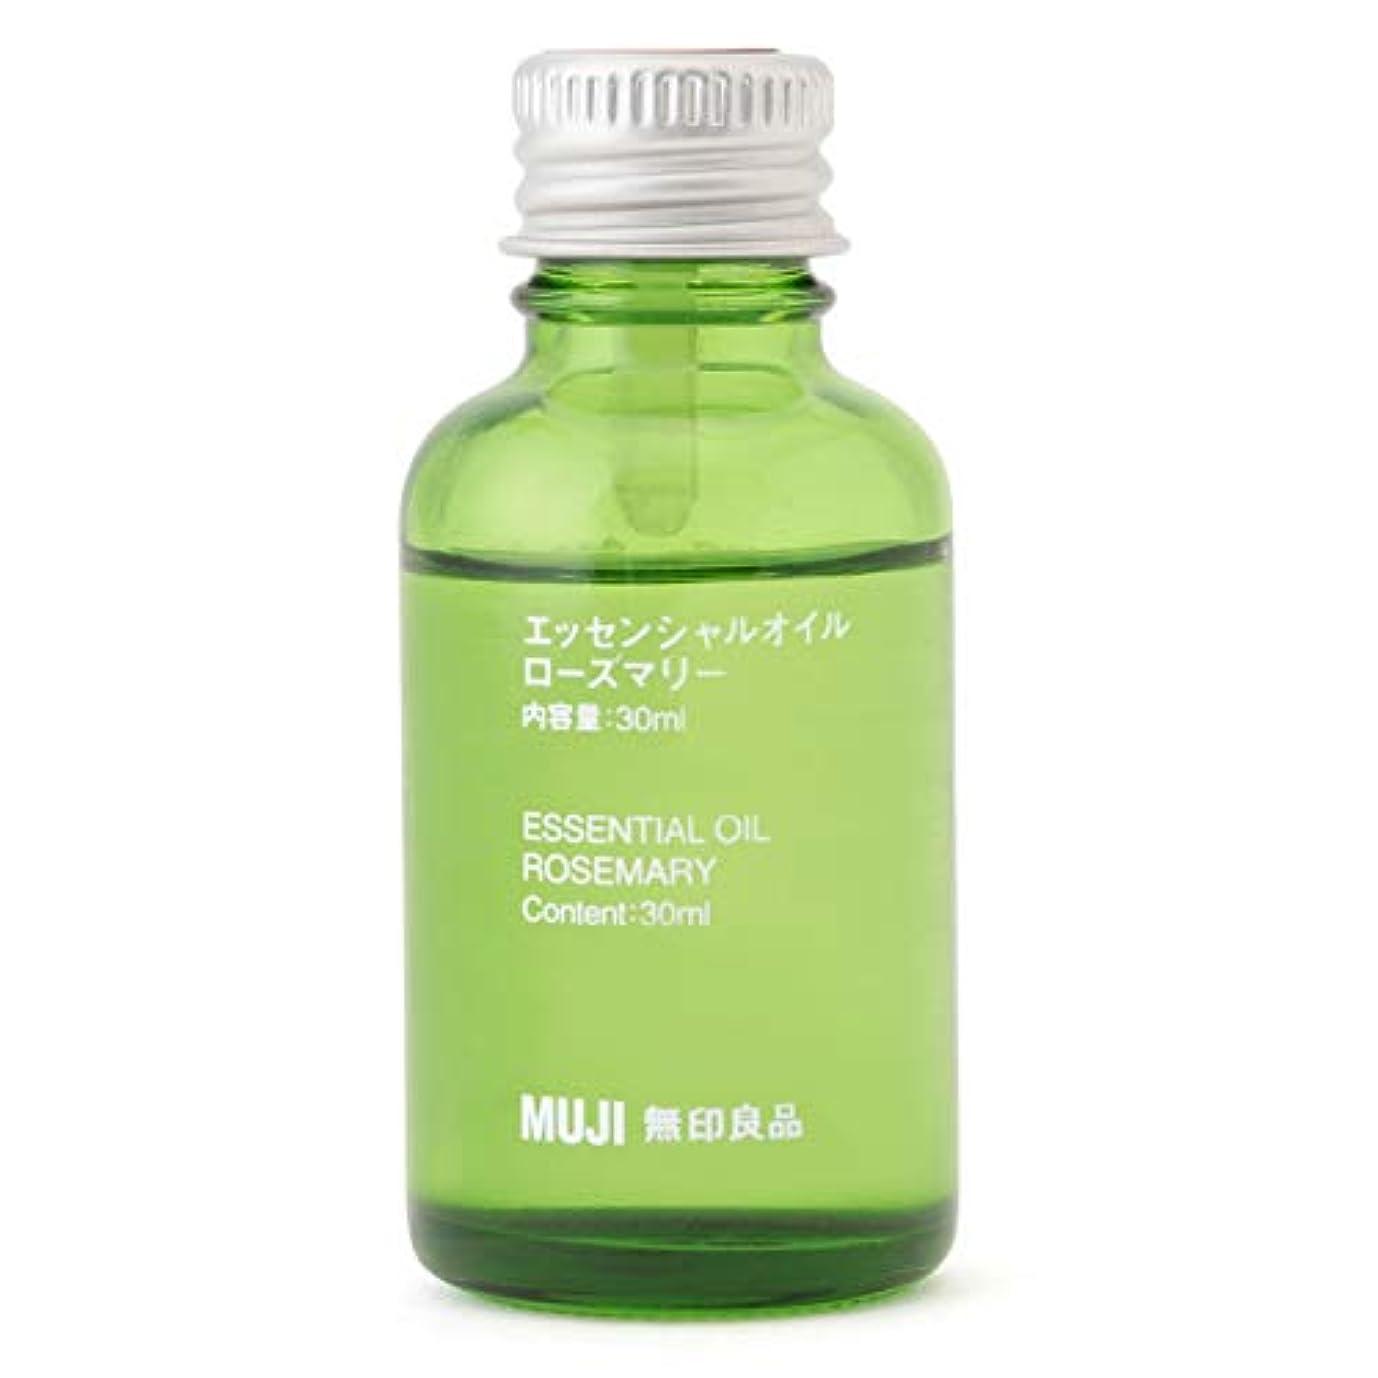 ノベルティ行方不明石鹸【無印良品】エッセンシャルオイル30ml(ローズマリー)